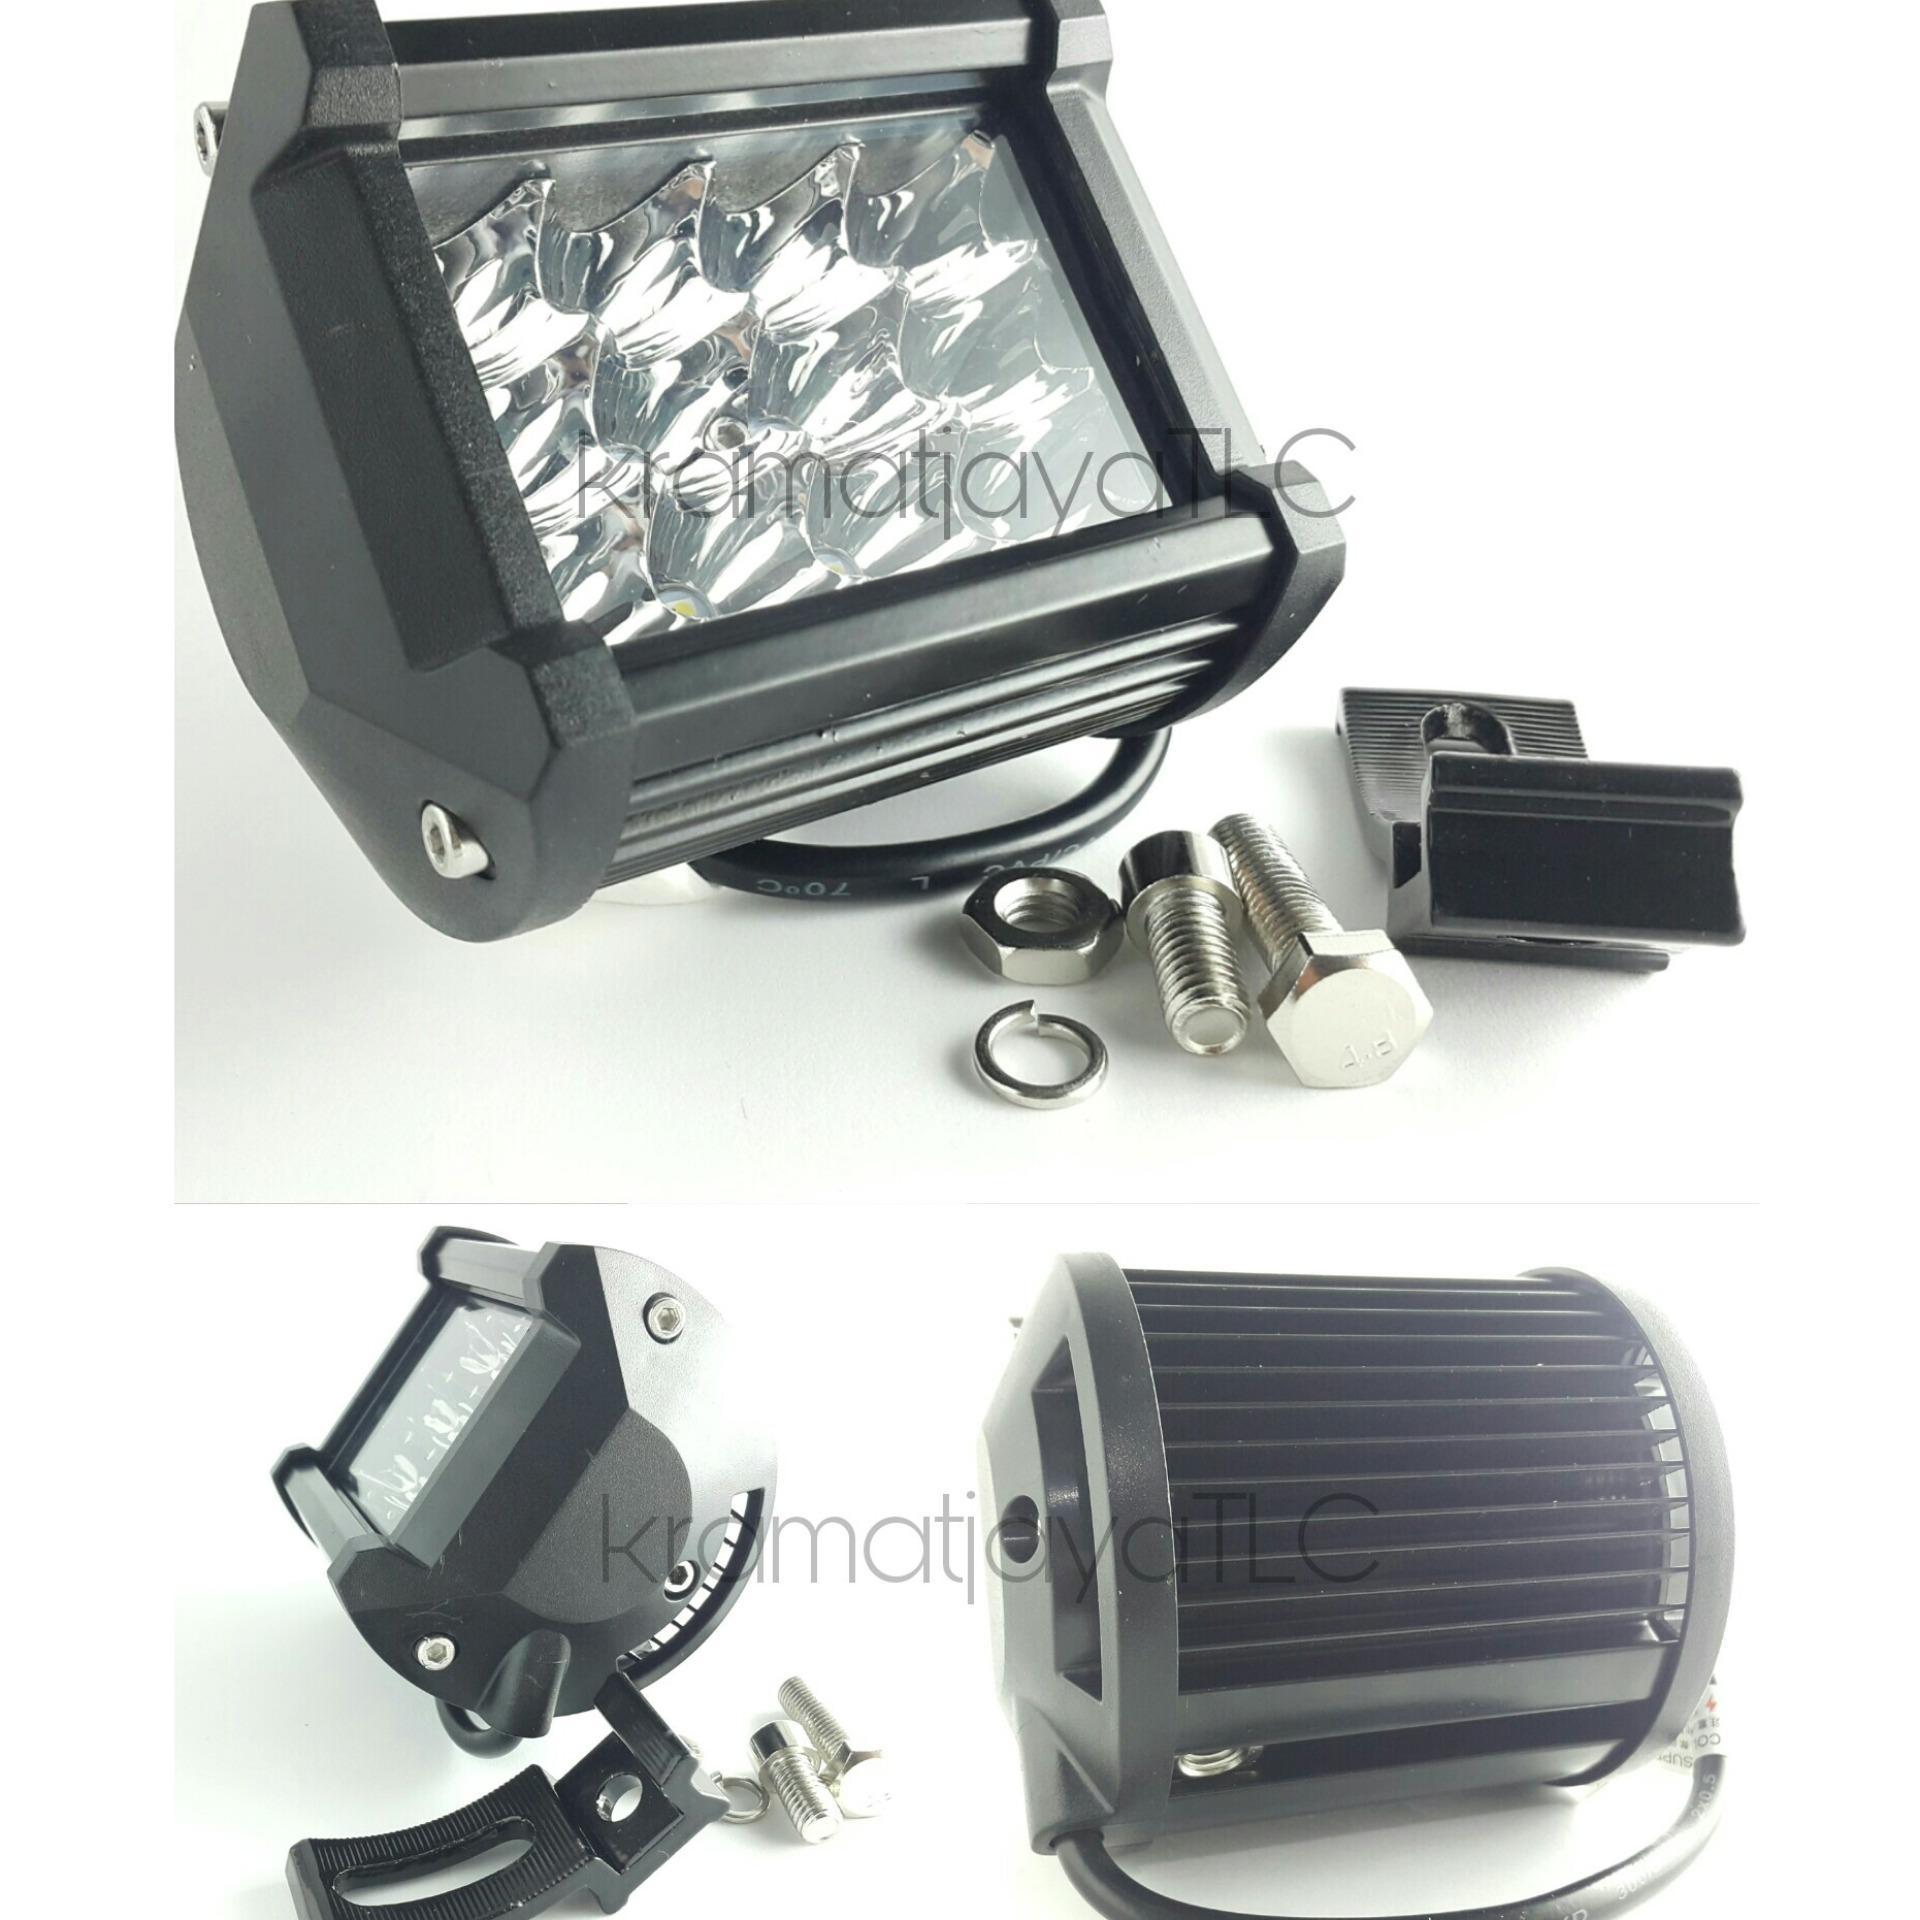 Cek Harga Baru Lampu Tembak Sorot Offroad Motor Mobil Led Bar 24 2 Warna Putih Dan Kuning Cwl Mata Susun 12 36w